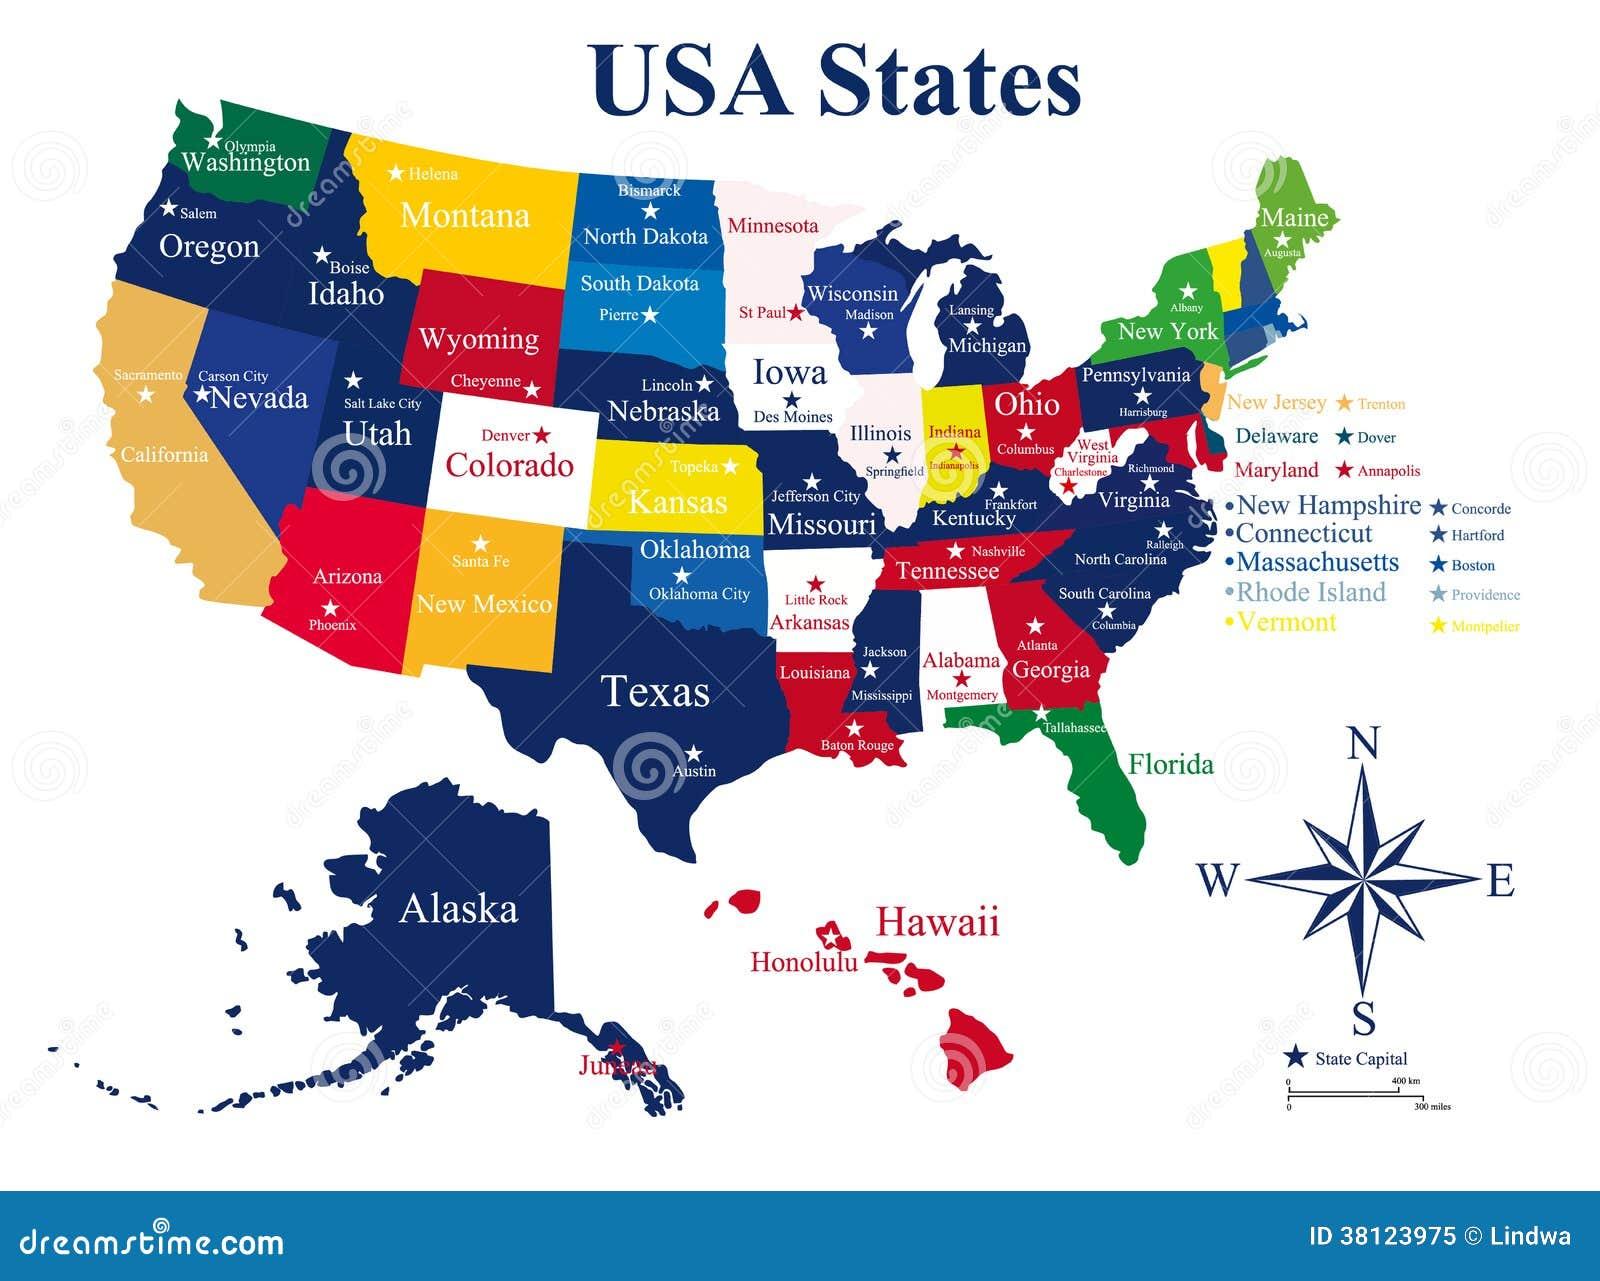 De Kaart Van De V S  Met Staten En Hoofdsteden Royalty vrije Stock Foto   Afbeelding  38123975